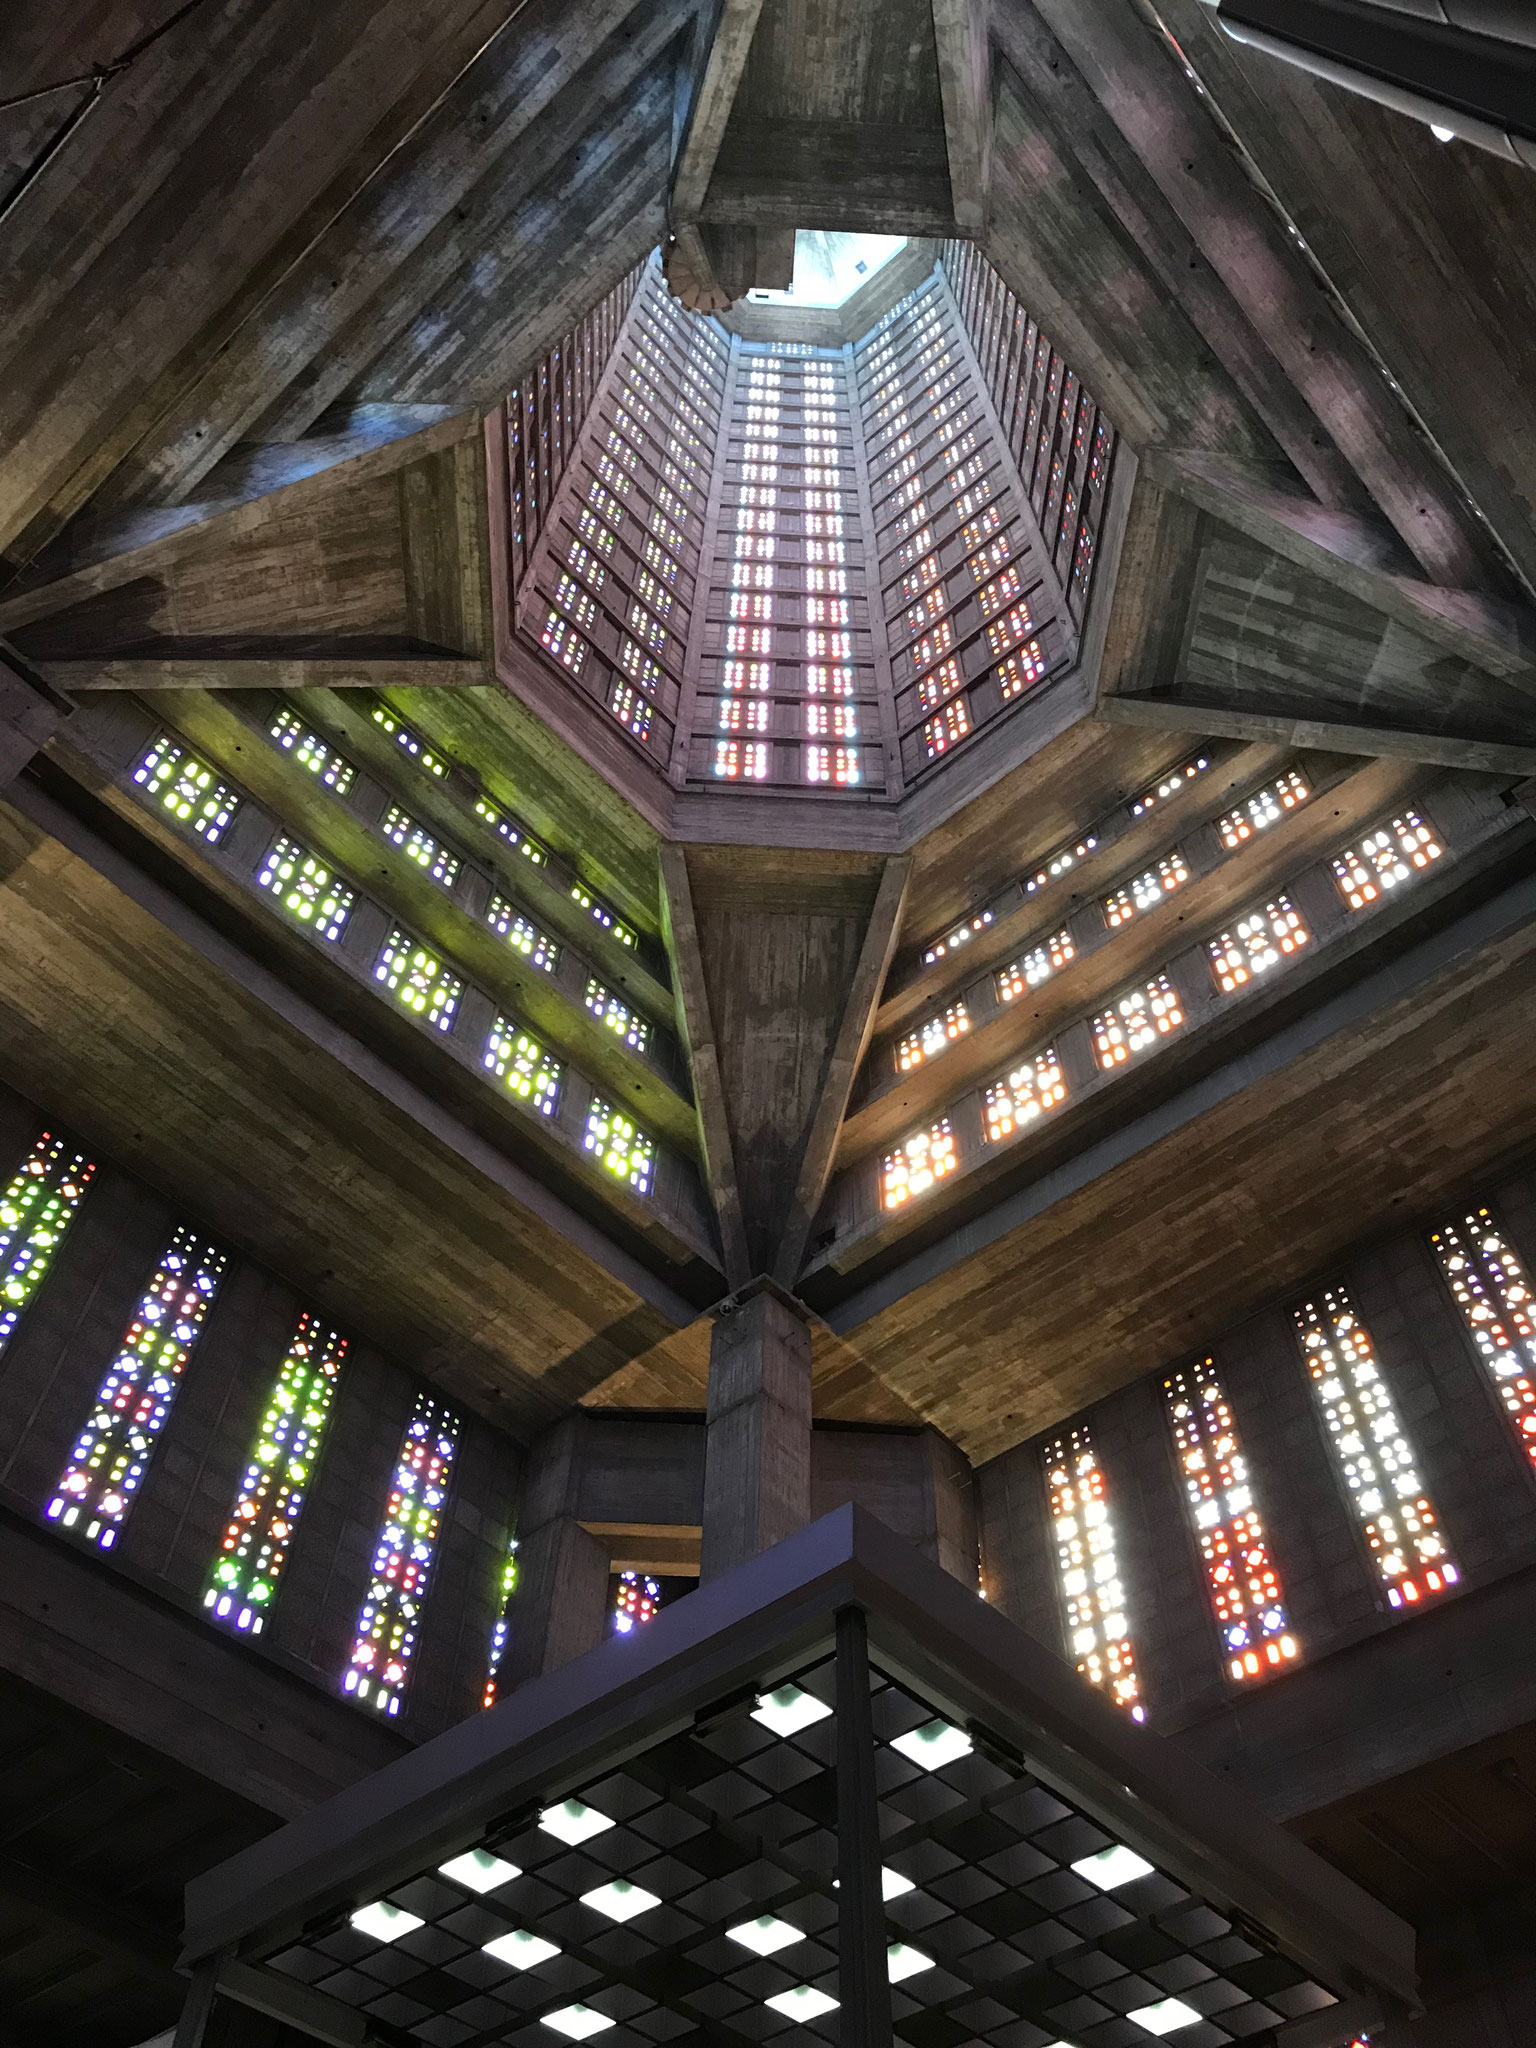 St. Josef im Innern